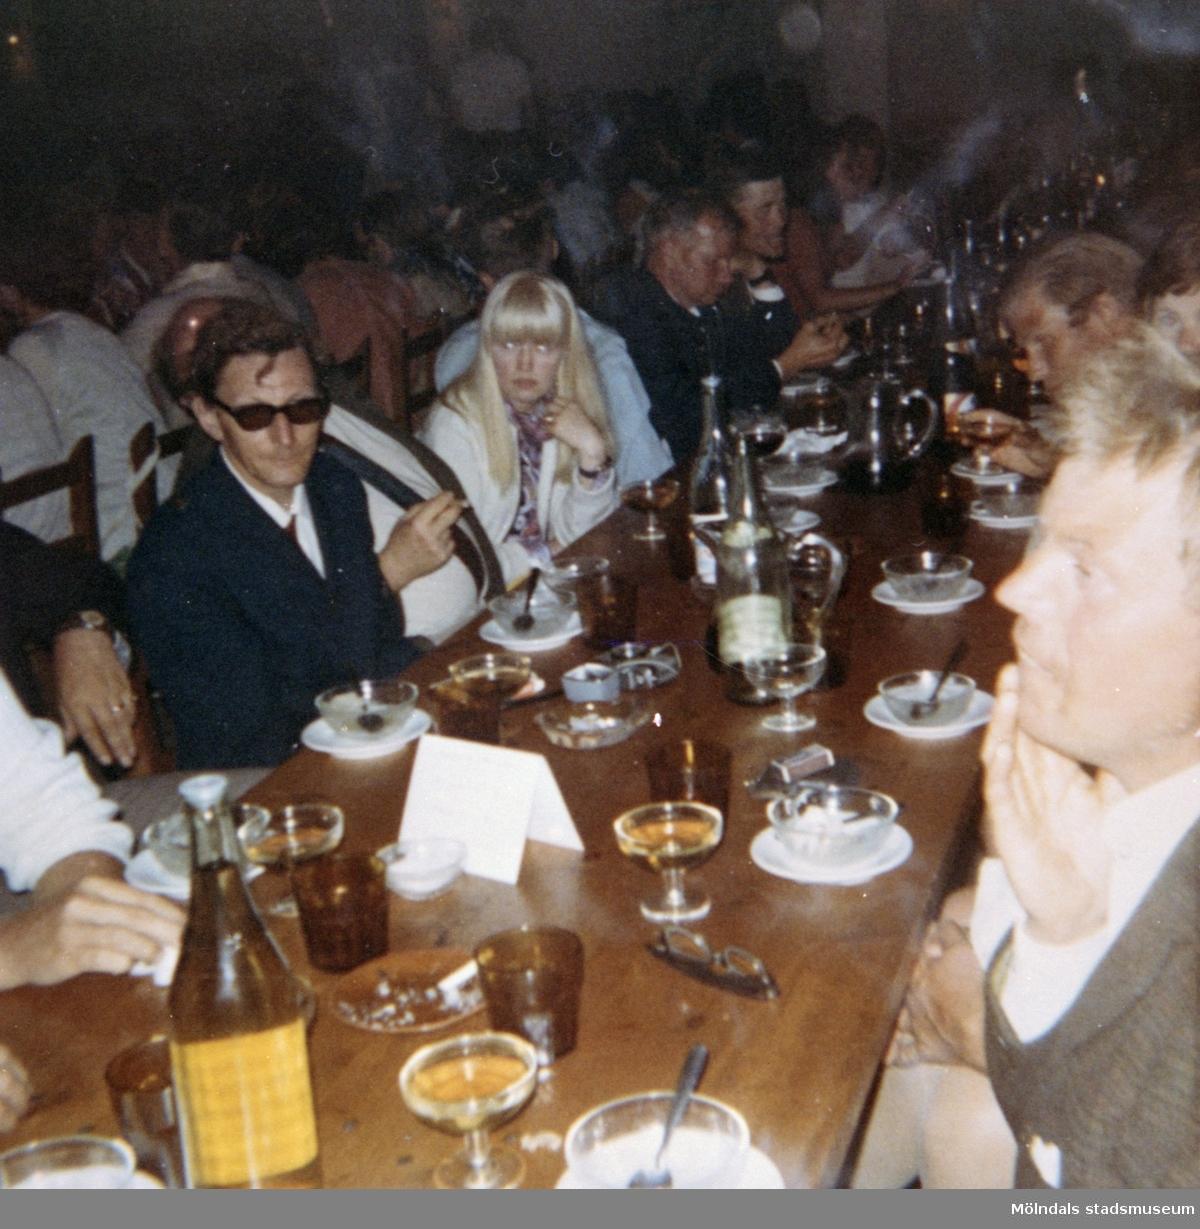 Restaurangbesök med elever, från Skolhemmet Stretered, som är på semester. 1970-tal.